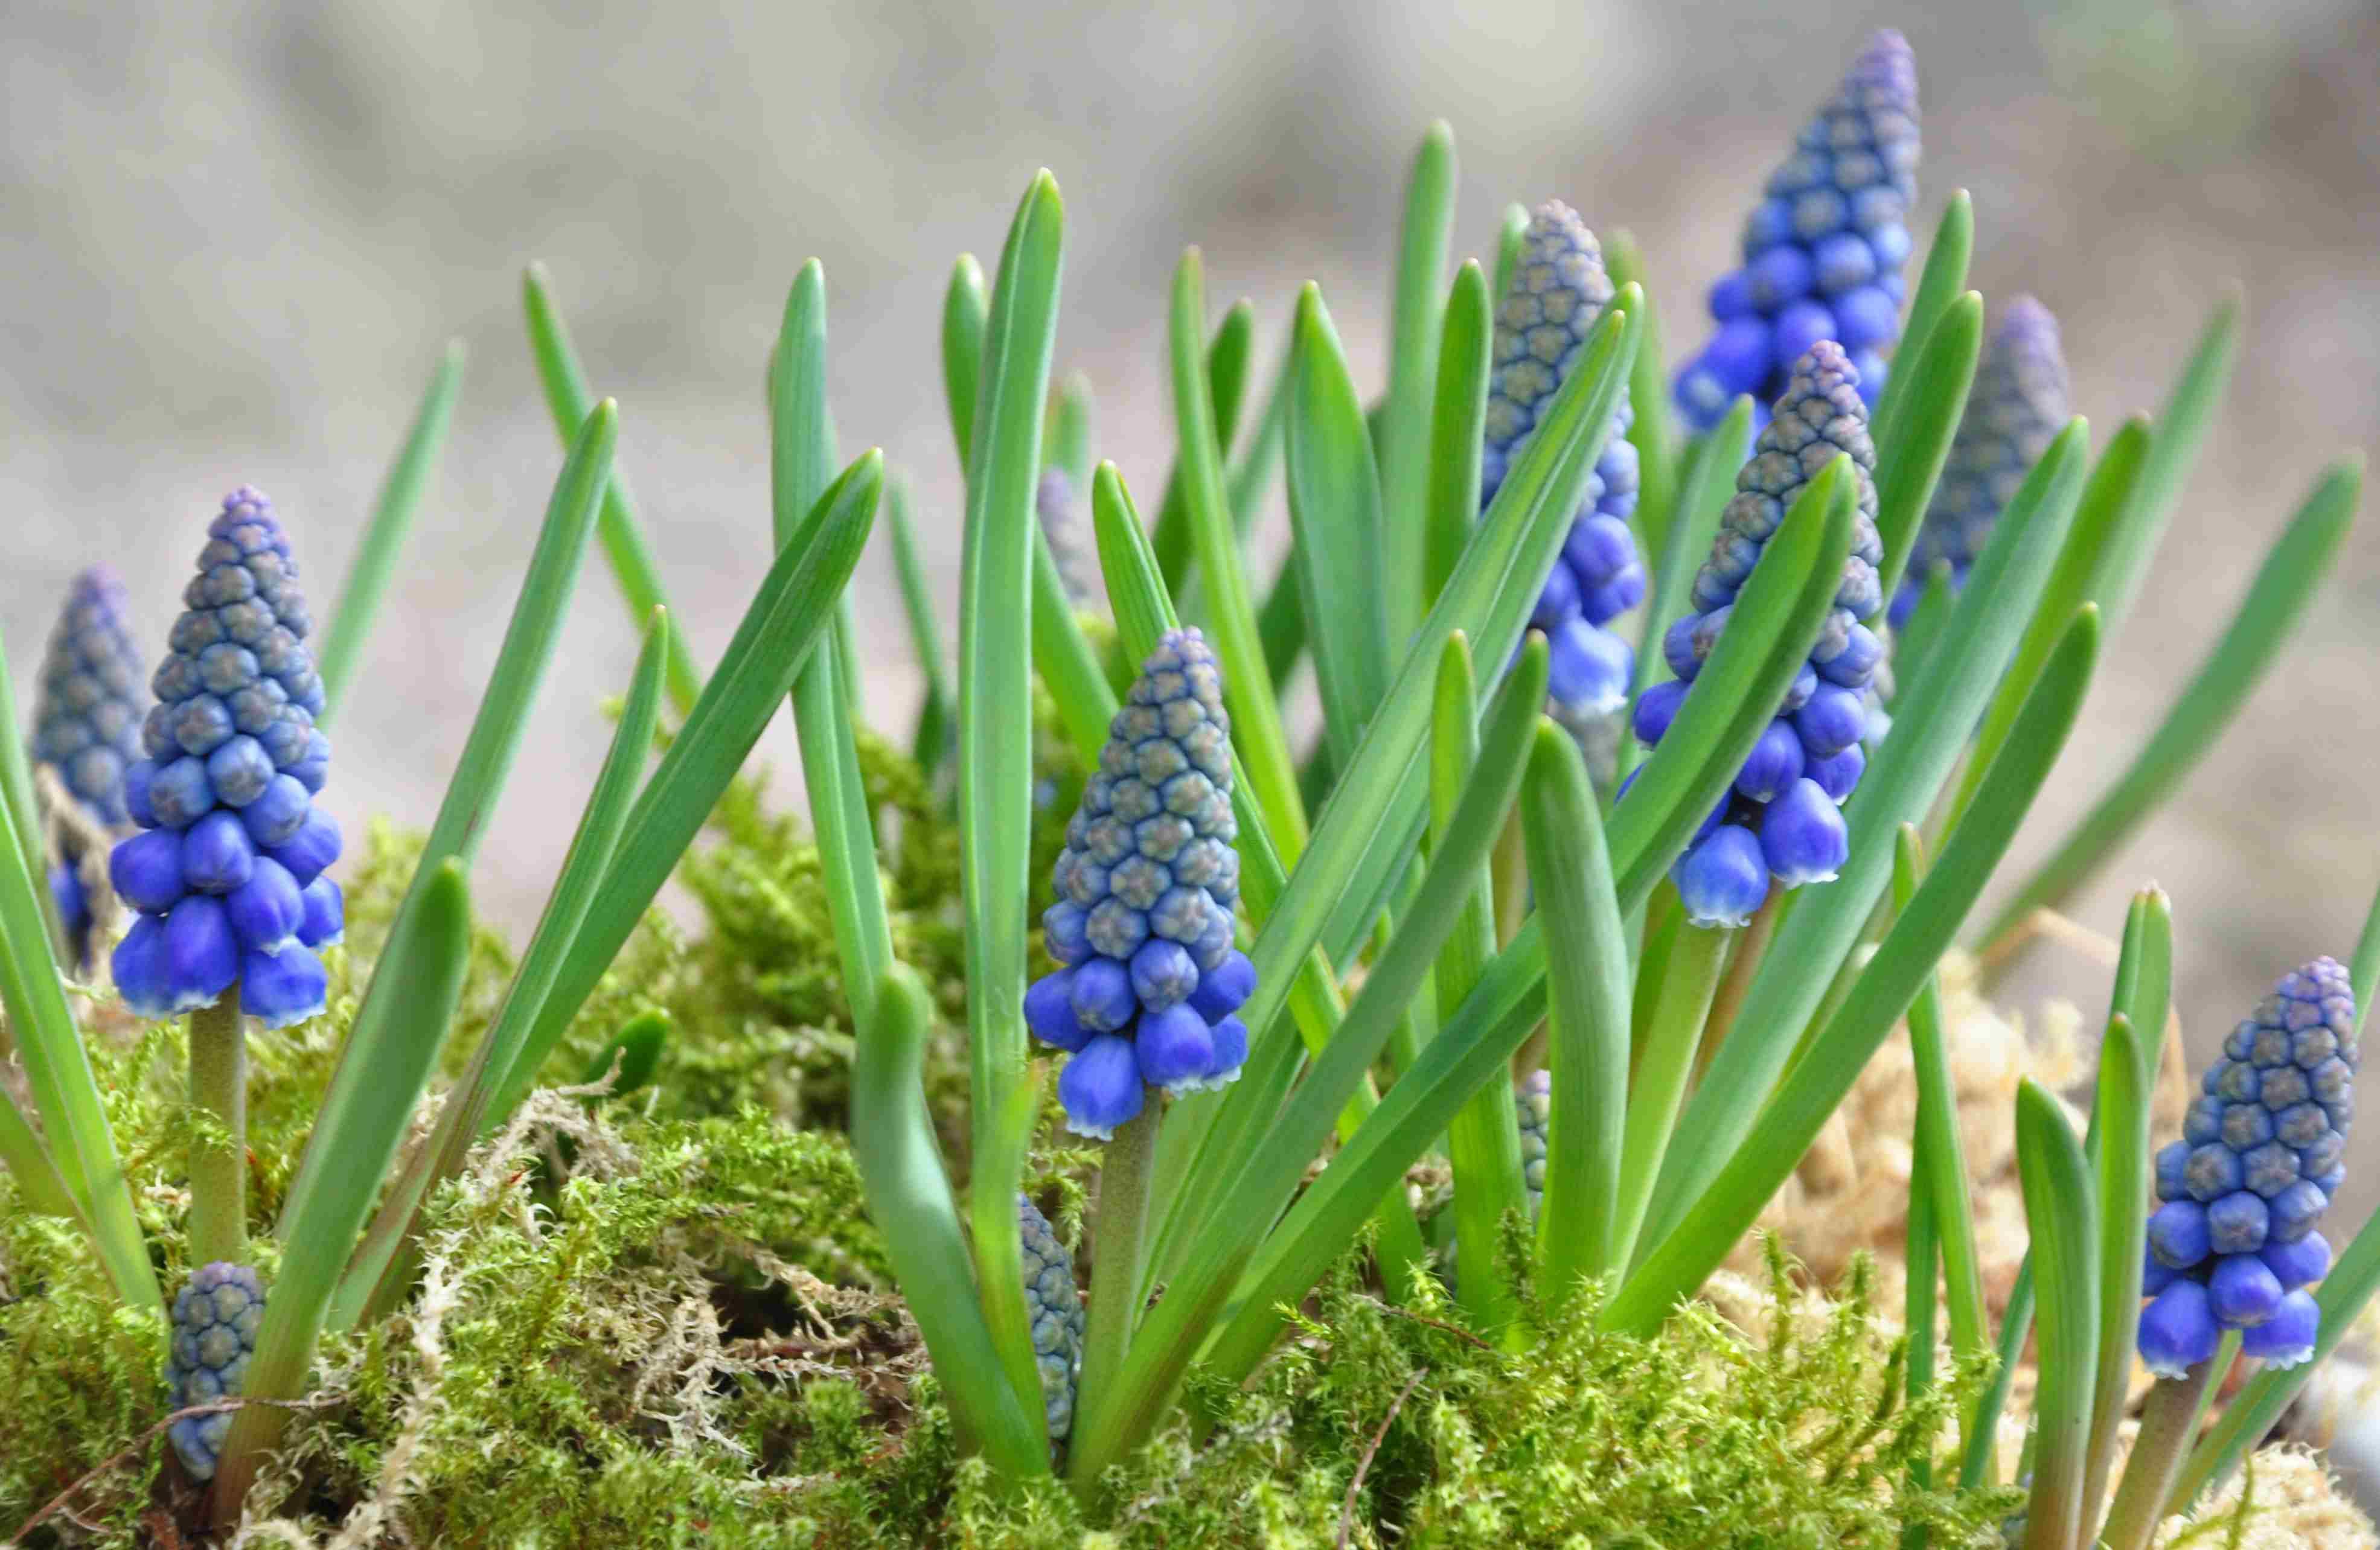 Pärlhyacinten är en tacksam vårblomma som återkommer vår efter vår från sin lilla lök.